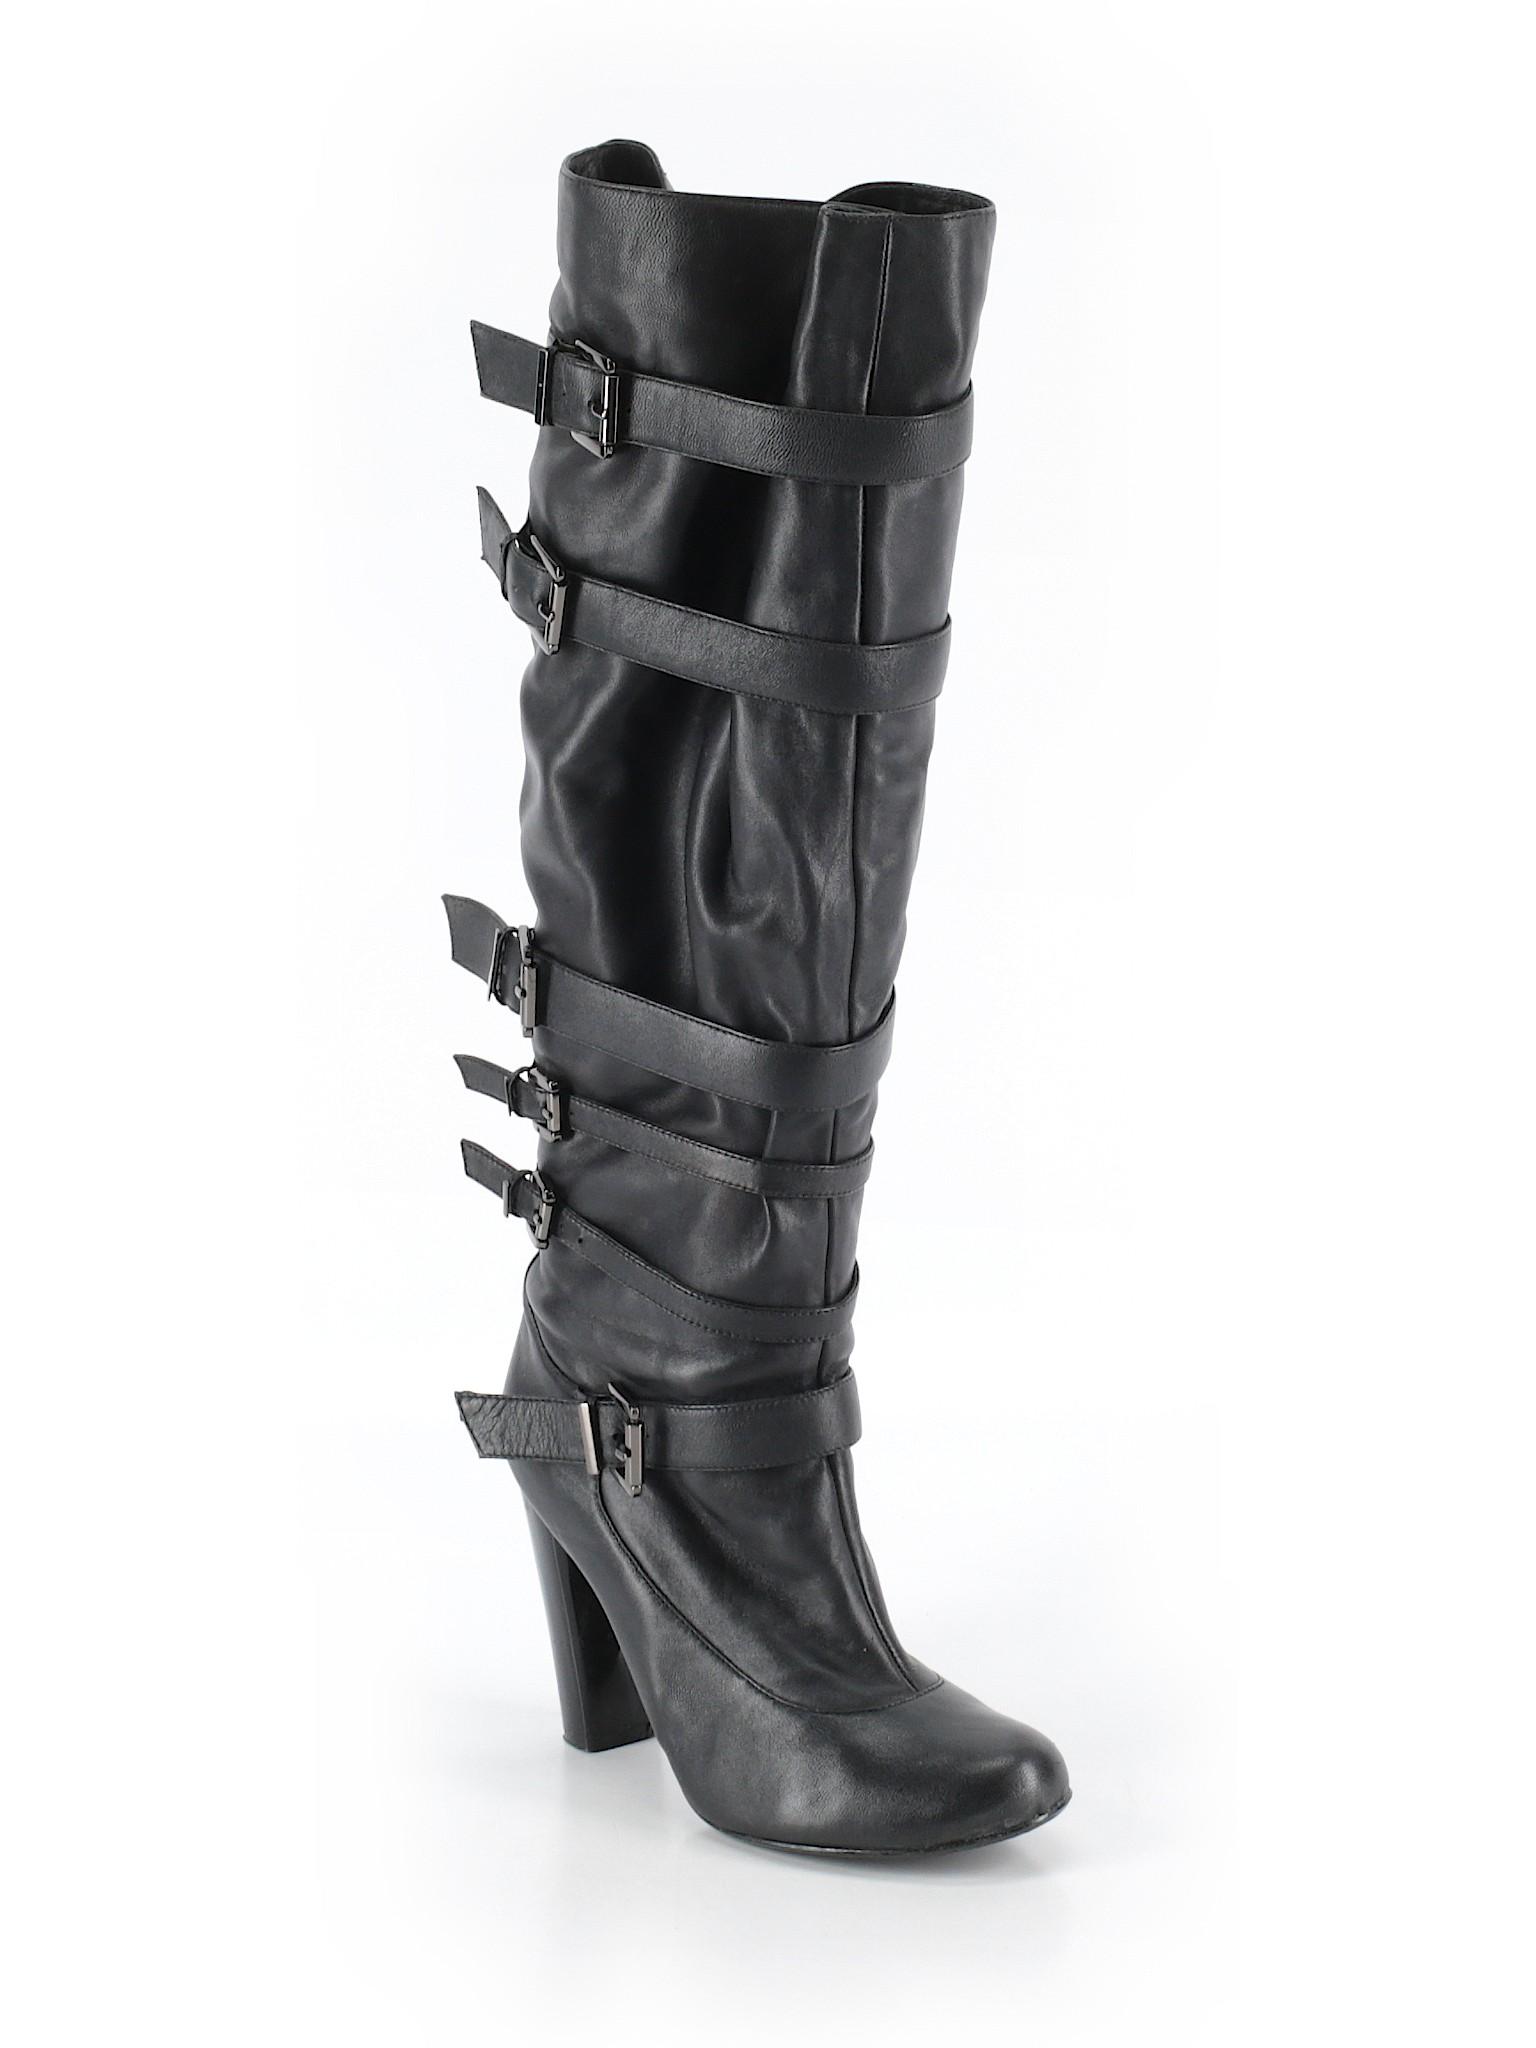 Boutique promotion Boutique Boots Aldo promotion B4qHT8B